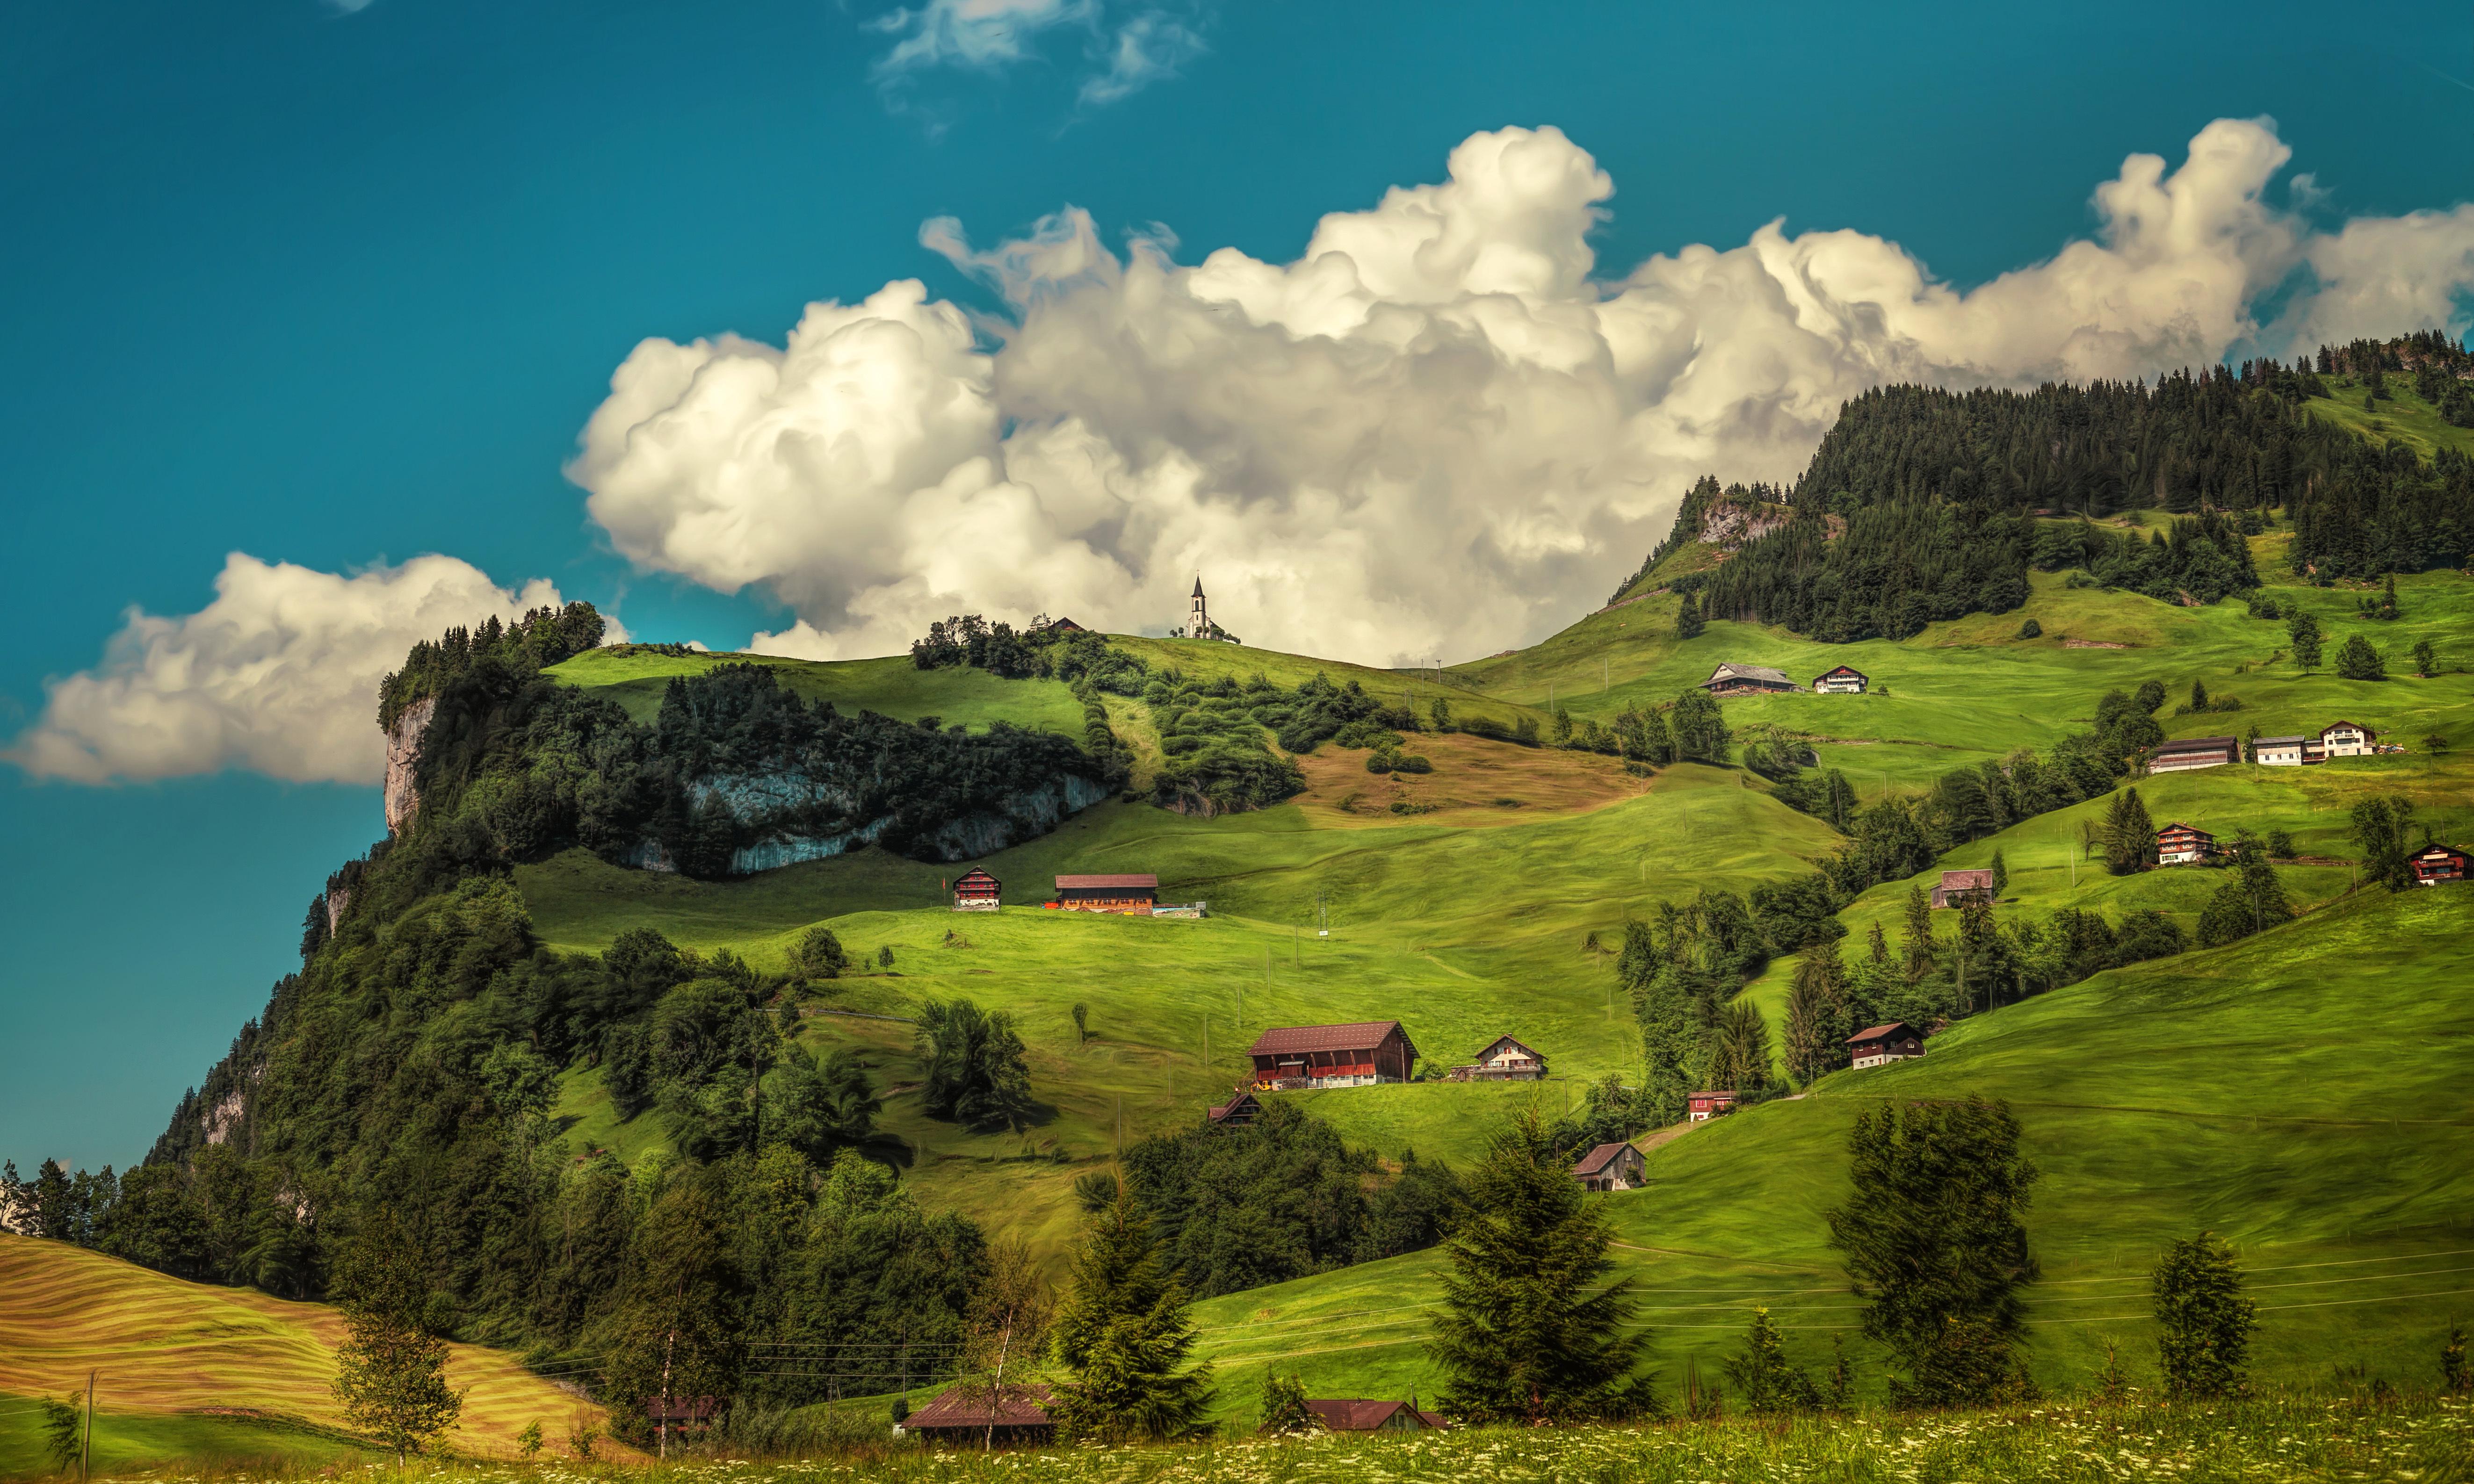 Швейцария Горы река деревья трава  № 183980 бесплатно